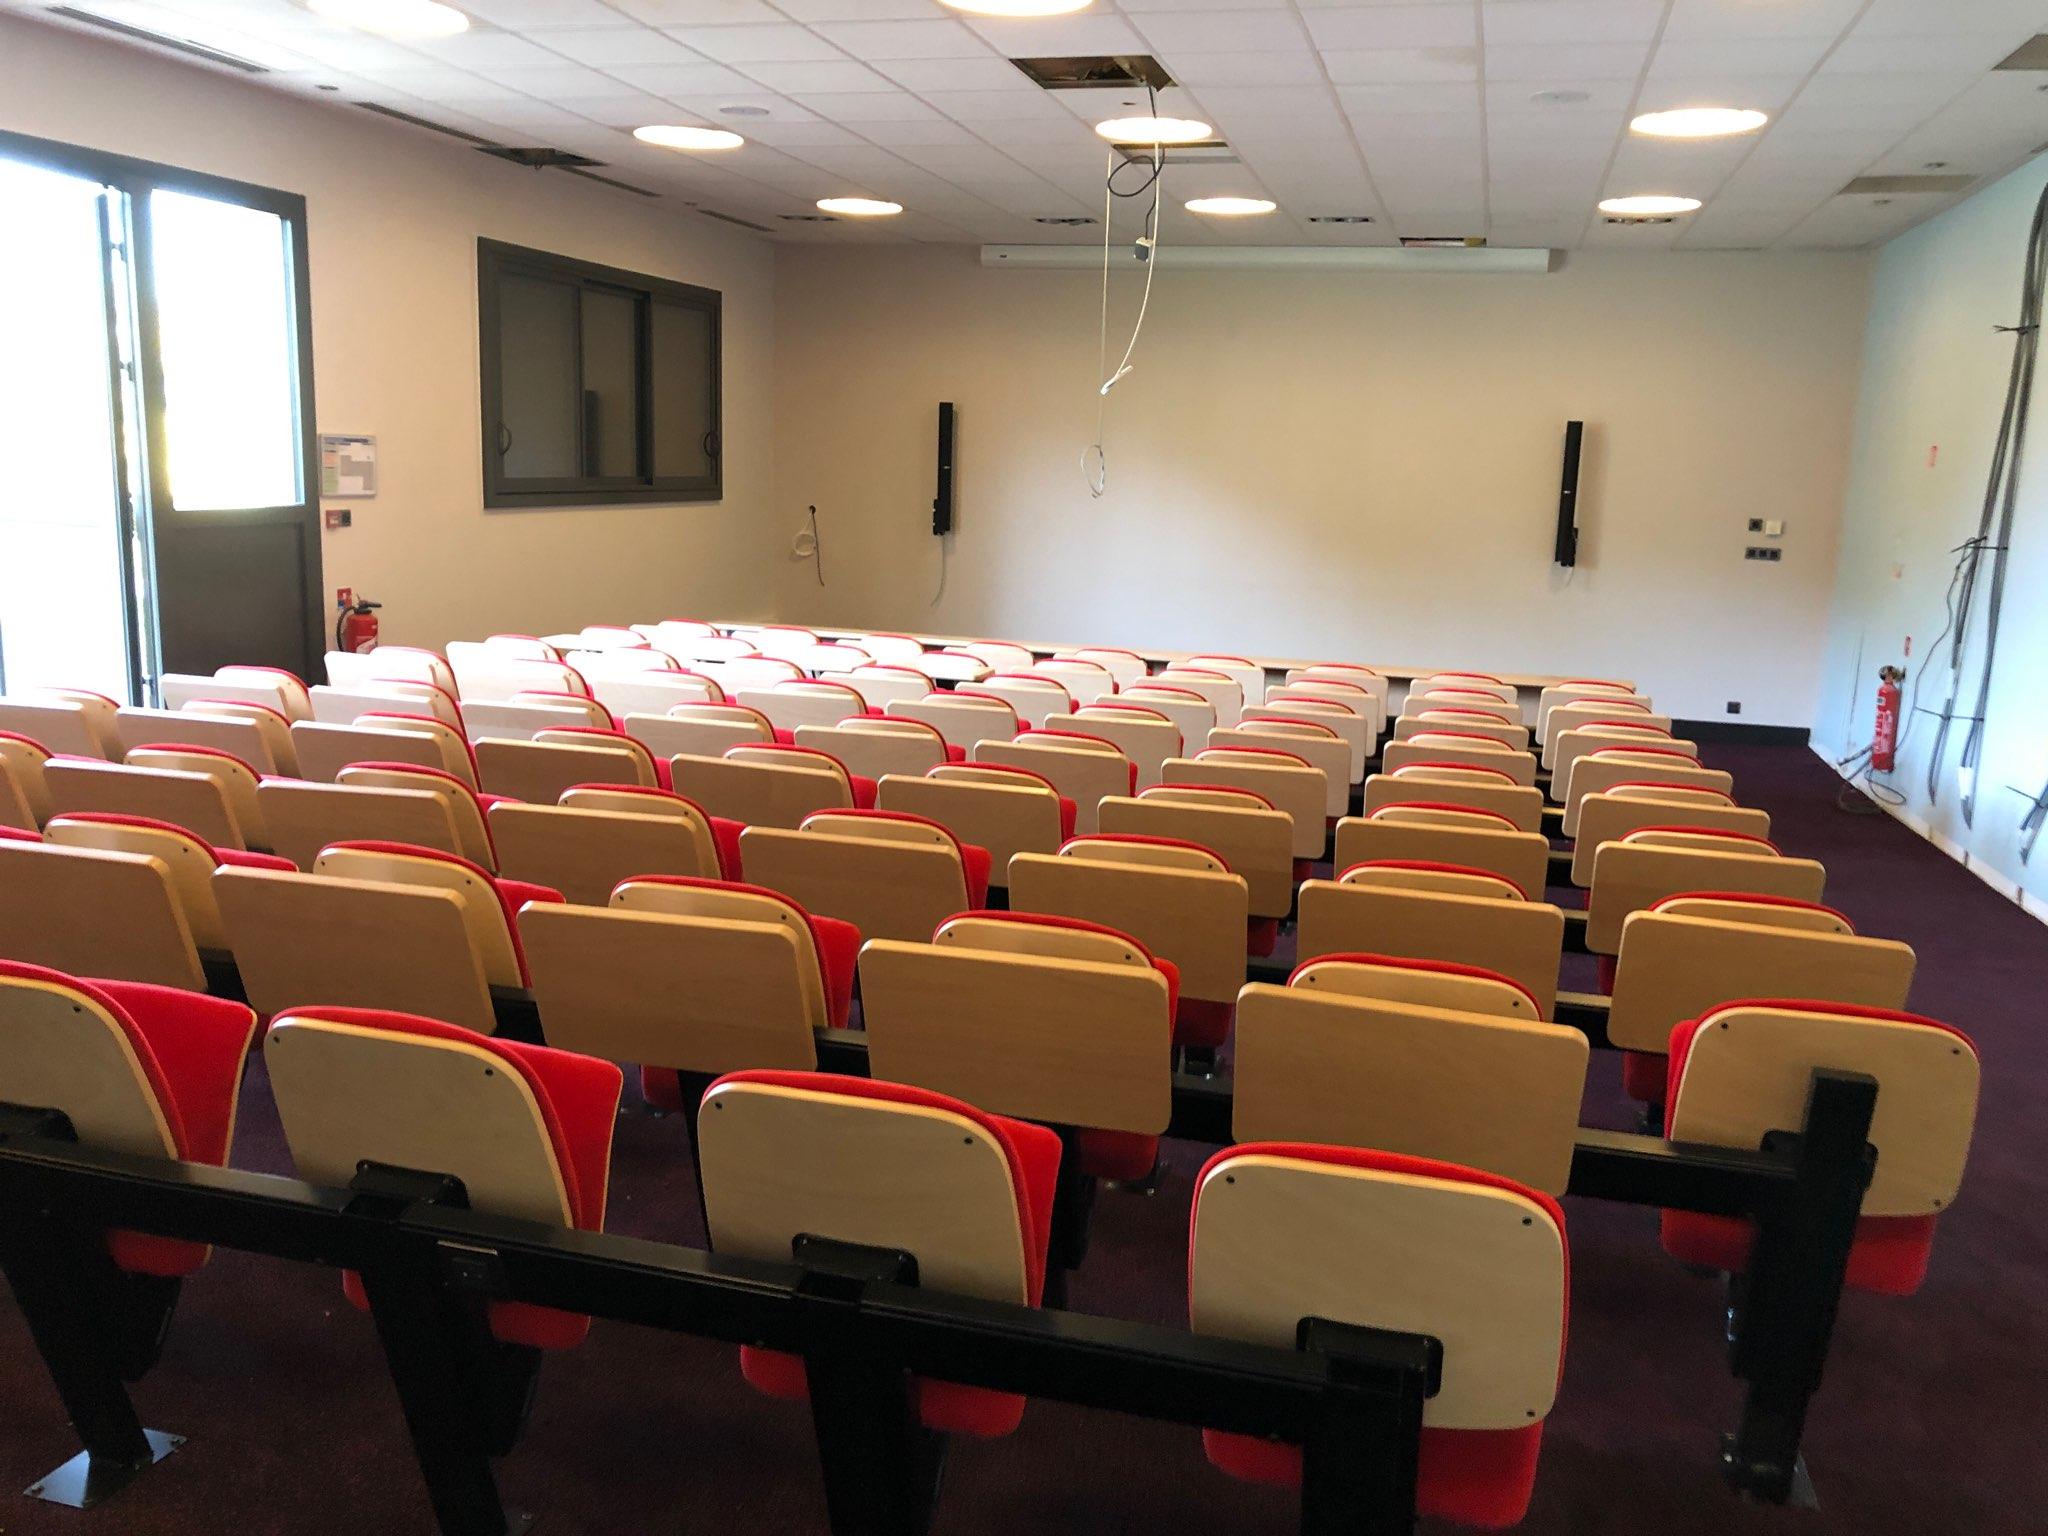 Kleslo - fauteuil Inertie - Leader de fabrication de fauteuils cinéma, théâtre ... Egletons EFIATP fauteuil IC stadium v4